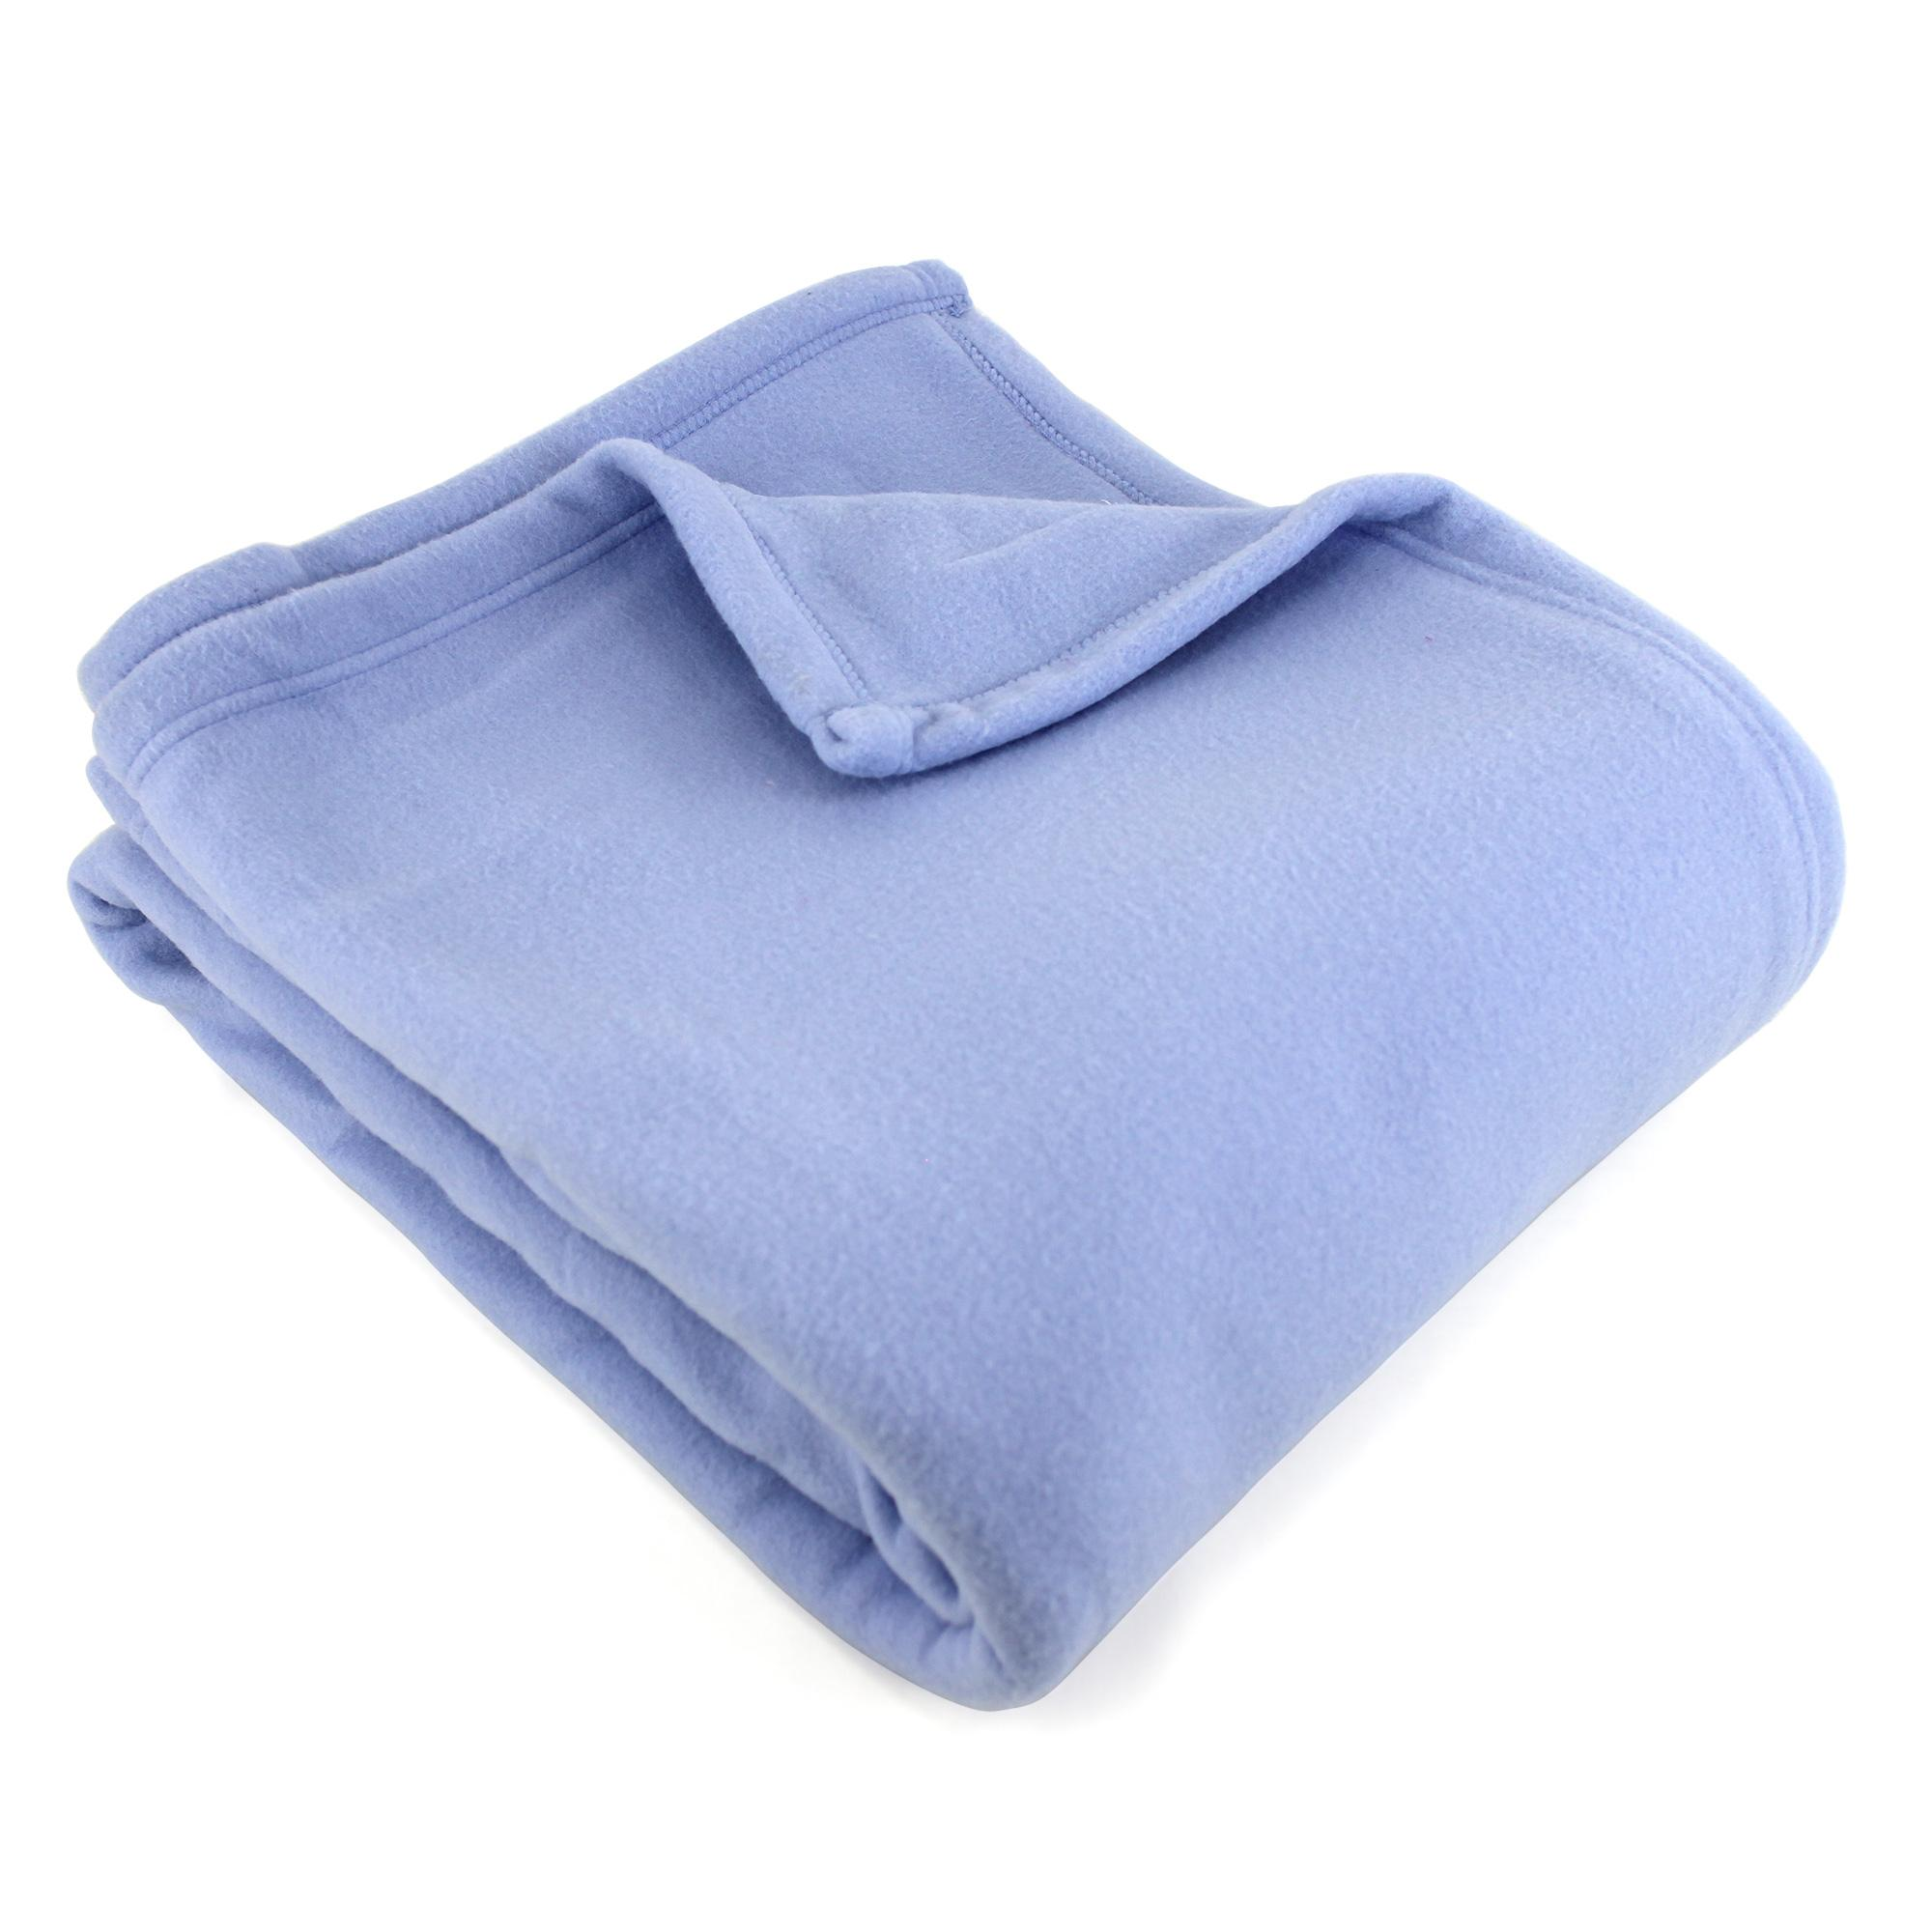 couverture polaire polyester 240x300 cm teddy lavande linnea vente de linge de maison. Black Bedroom Furniture Sets. Home Design Ideas